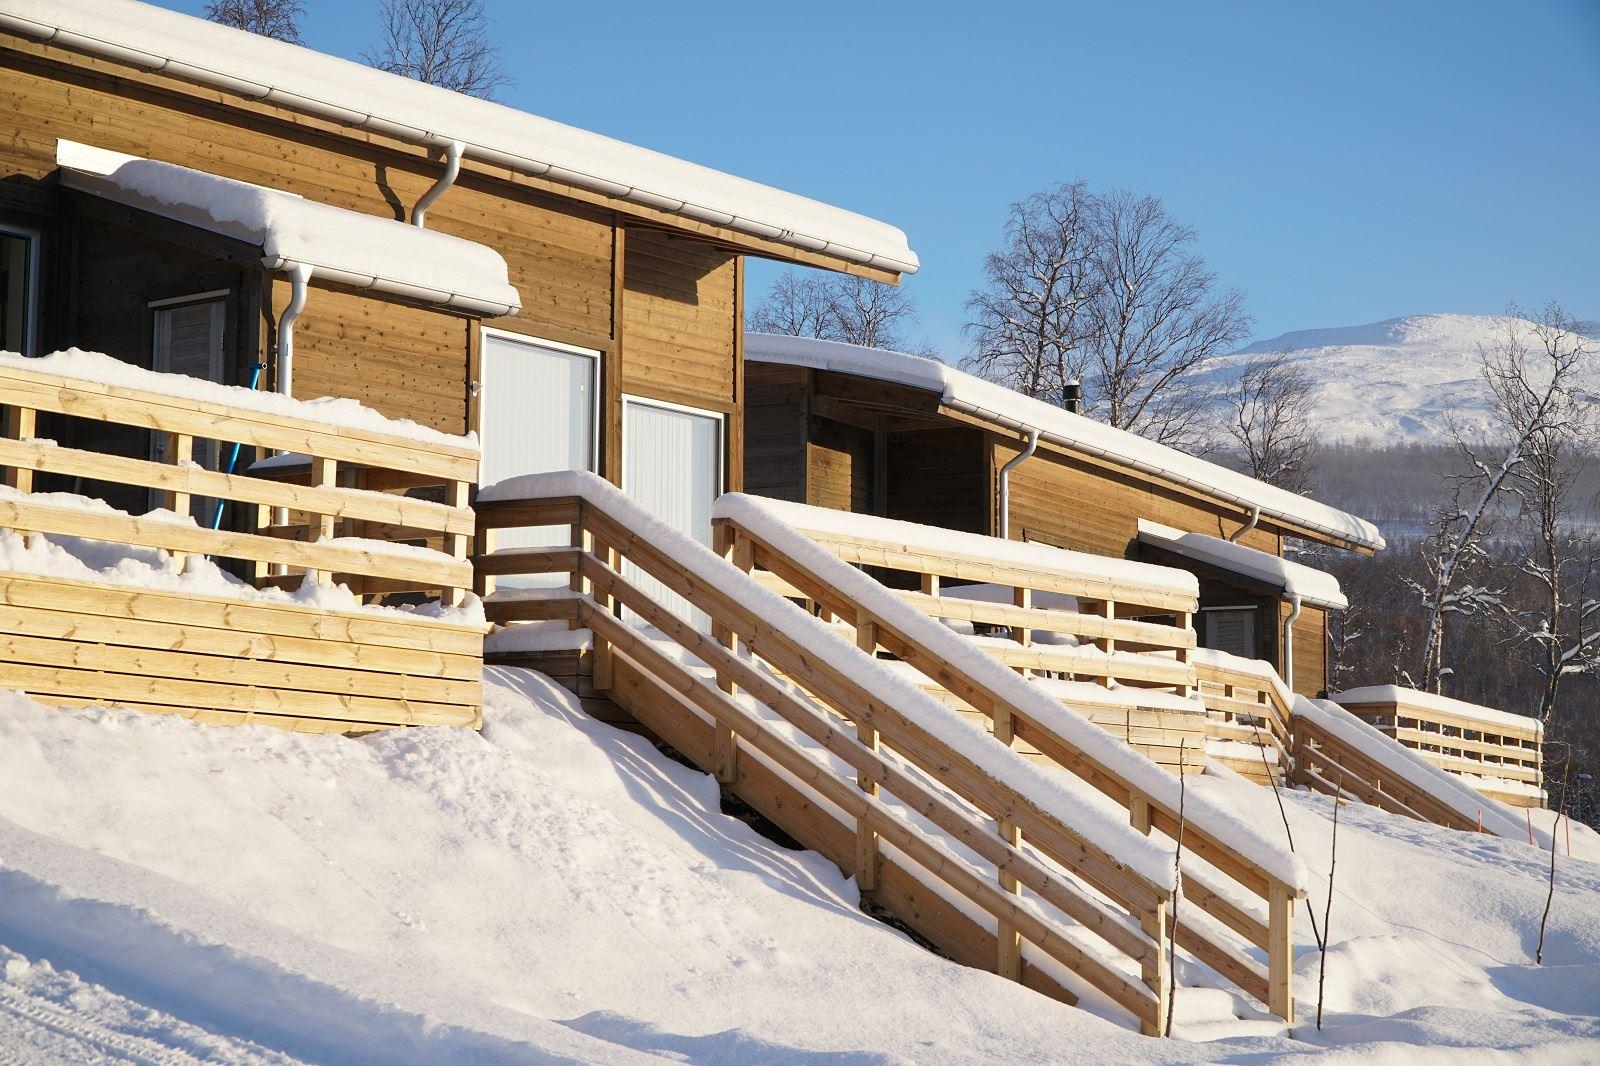 Snövallen 3 (8 beds)